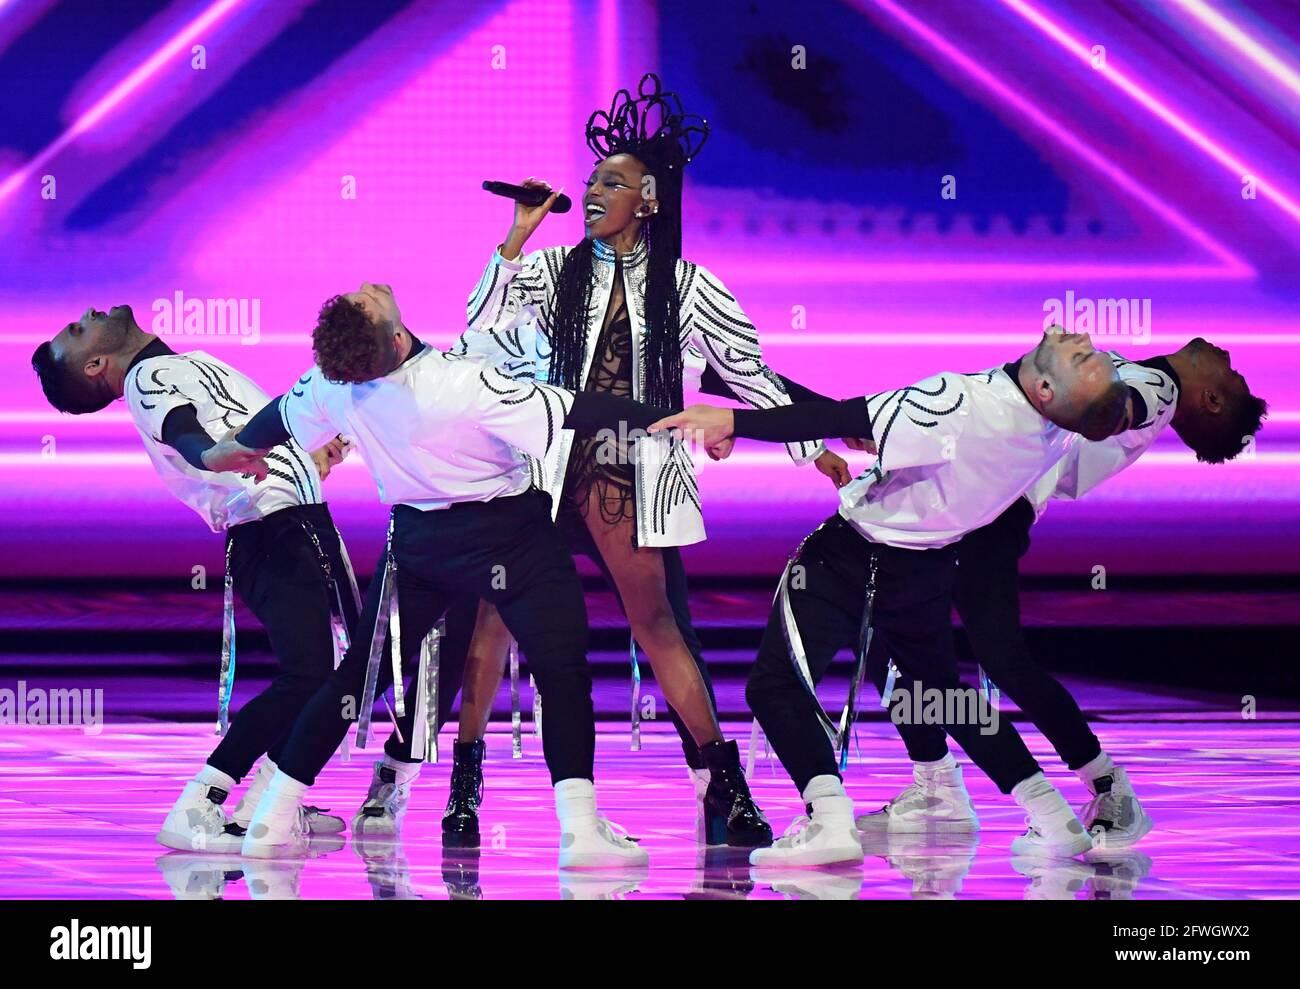 Il partecipante di Israele Eden Alene si esibisce durante la finale del Concorso Eurovision Song 2021 a Rotterdam, Paesi Bassi, 22 maggio 2021. REUTERS/Piroschka van de Wouw Foto Stock